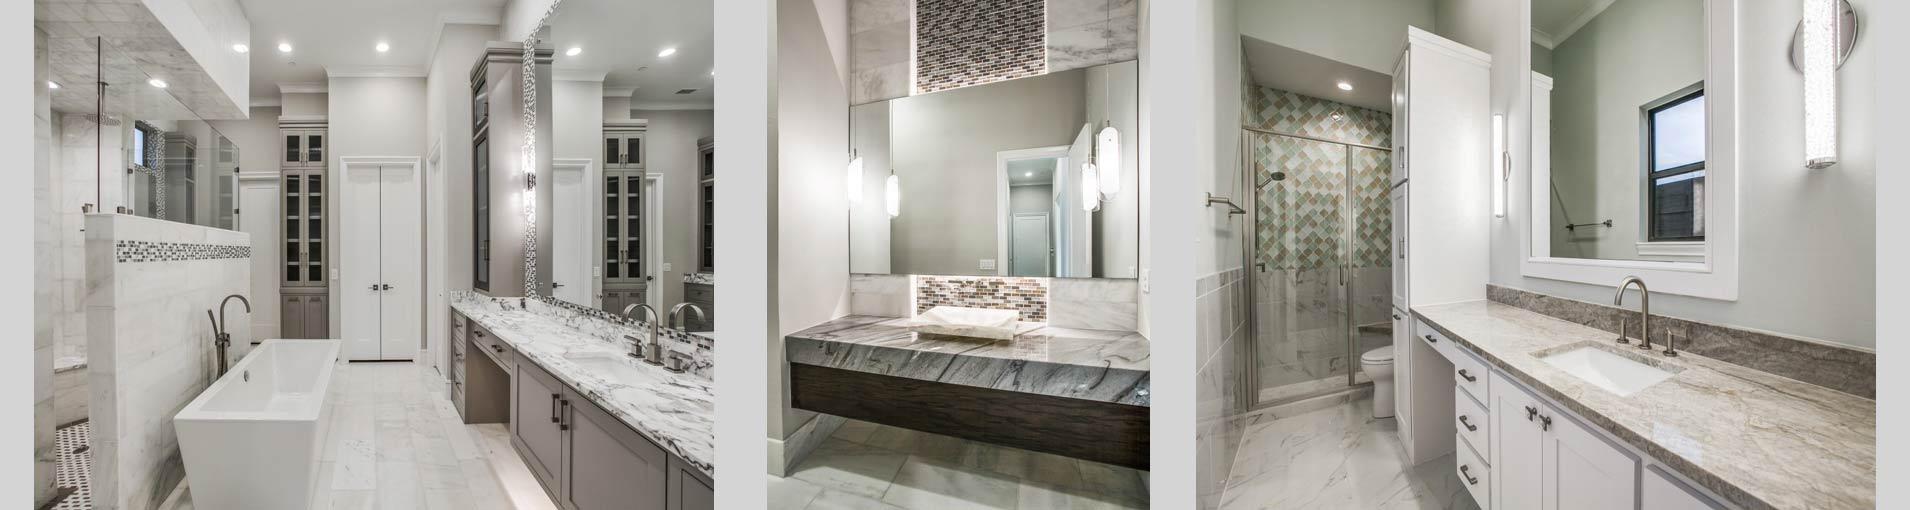 Dallas Custom Home Builders, Call 972-380-2650, North Dallas Luxury ...